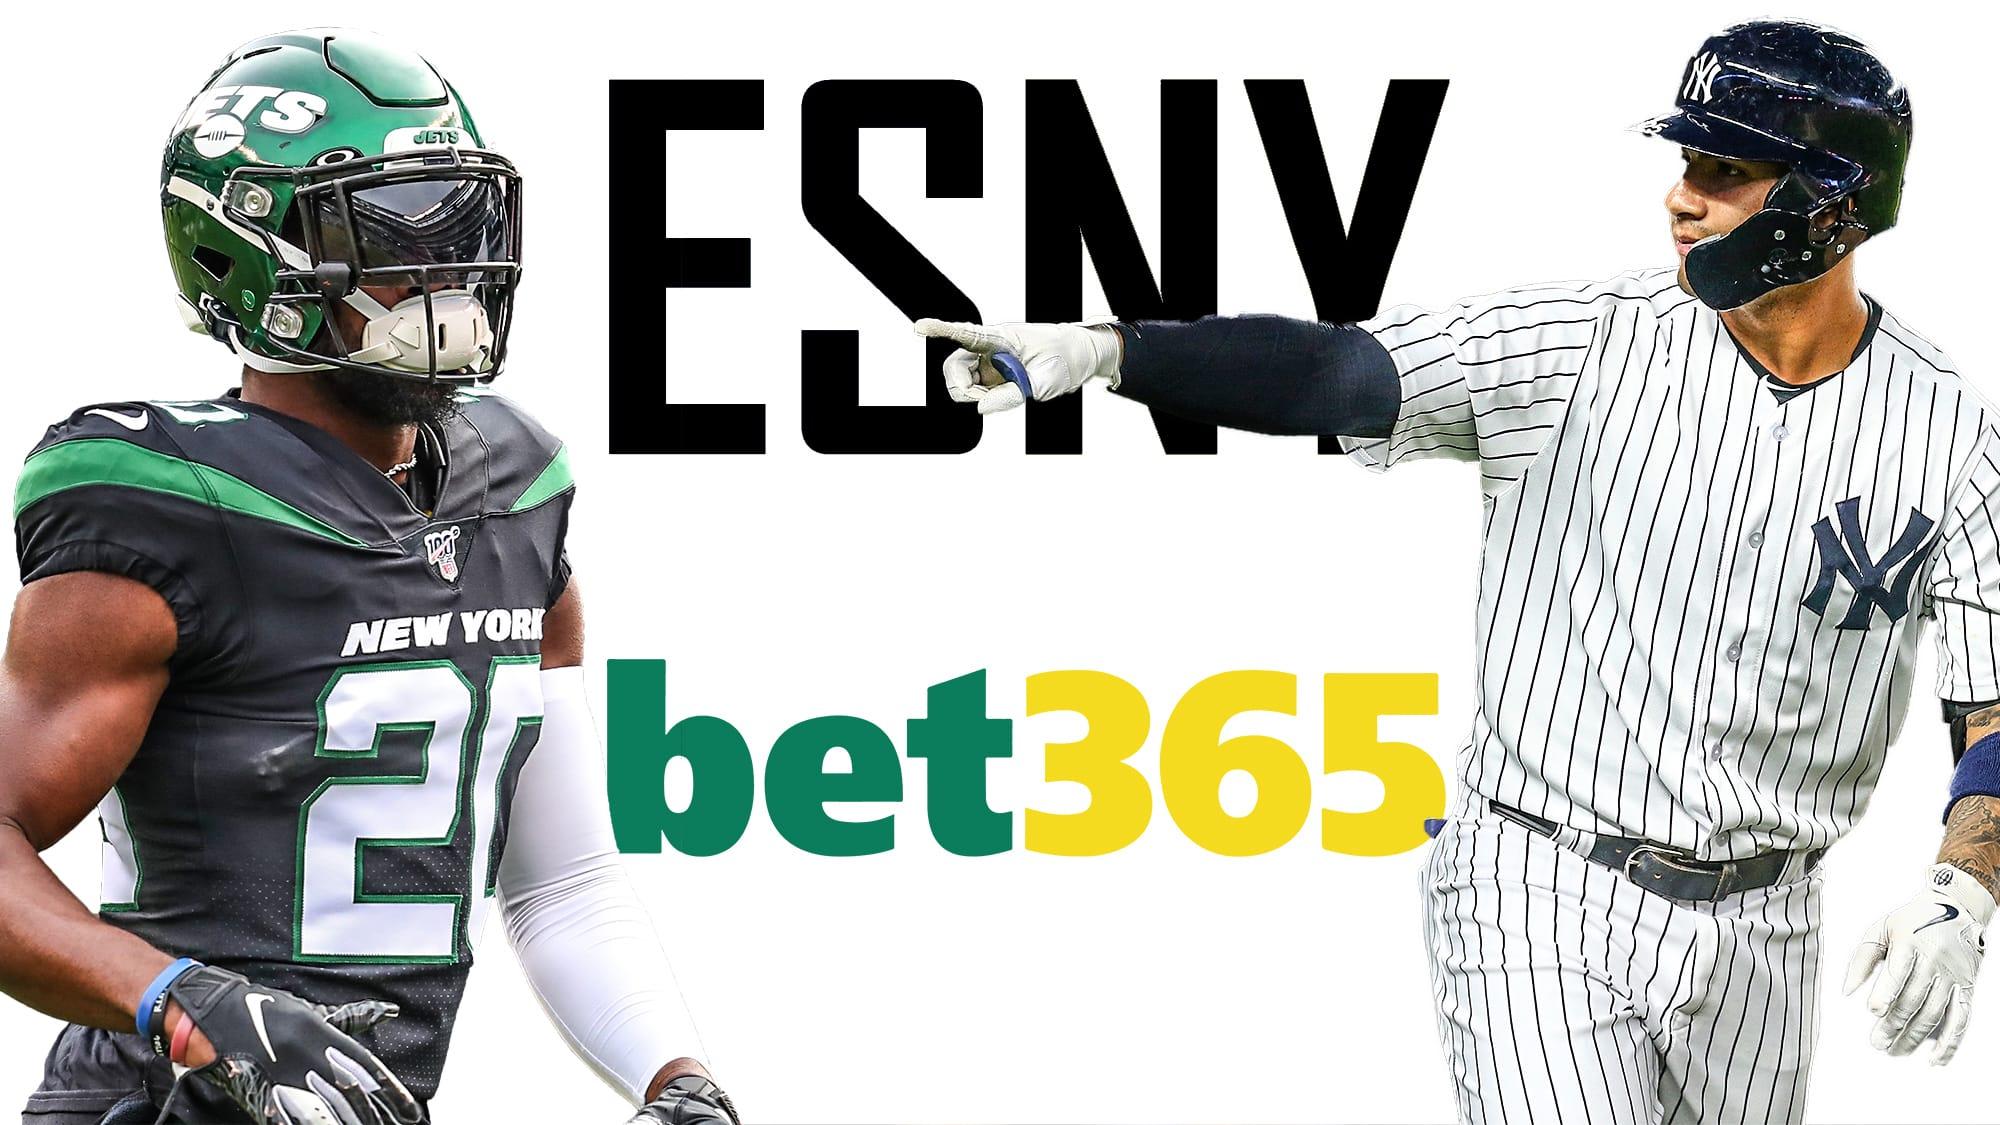 ESNY, bet365, Marcus Maye, Gleyber Torres